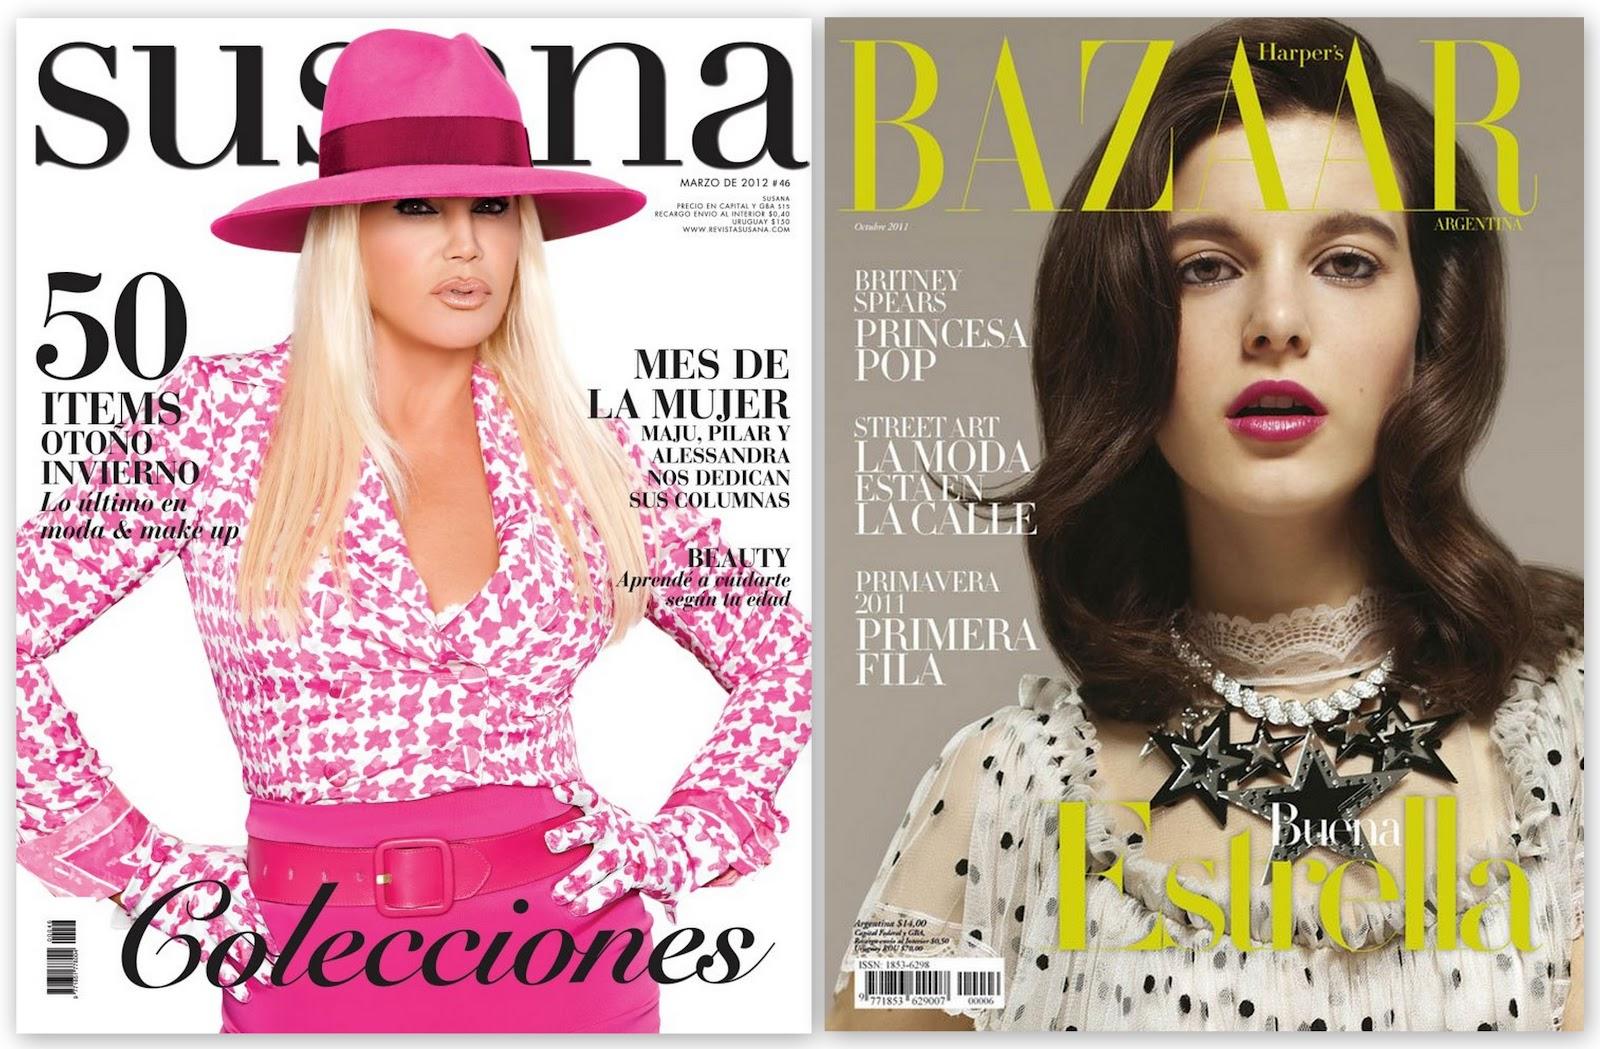 http://3.bp.blogspot.com/-4EW2mfbvMmE/T_oGvV-afMI/AAAAAAAACfs/WunfkhC_mak/s1600/Susana-Revista-Harpers-Bazaar-Argentina-Estrellas.jpg